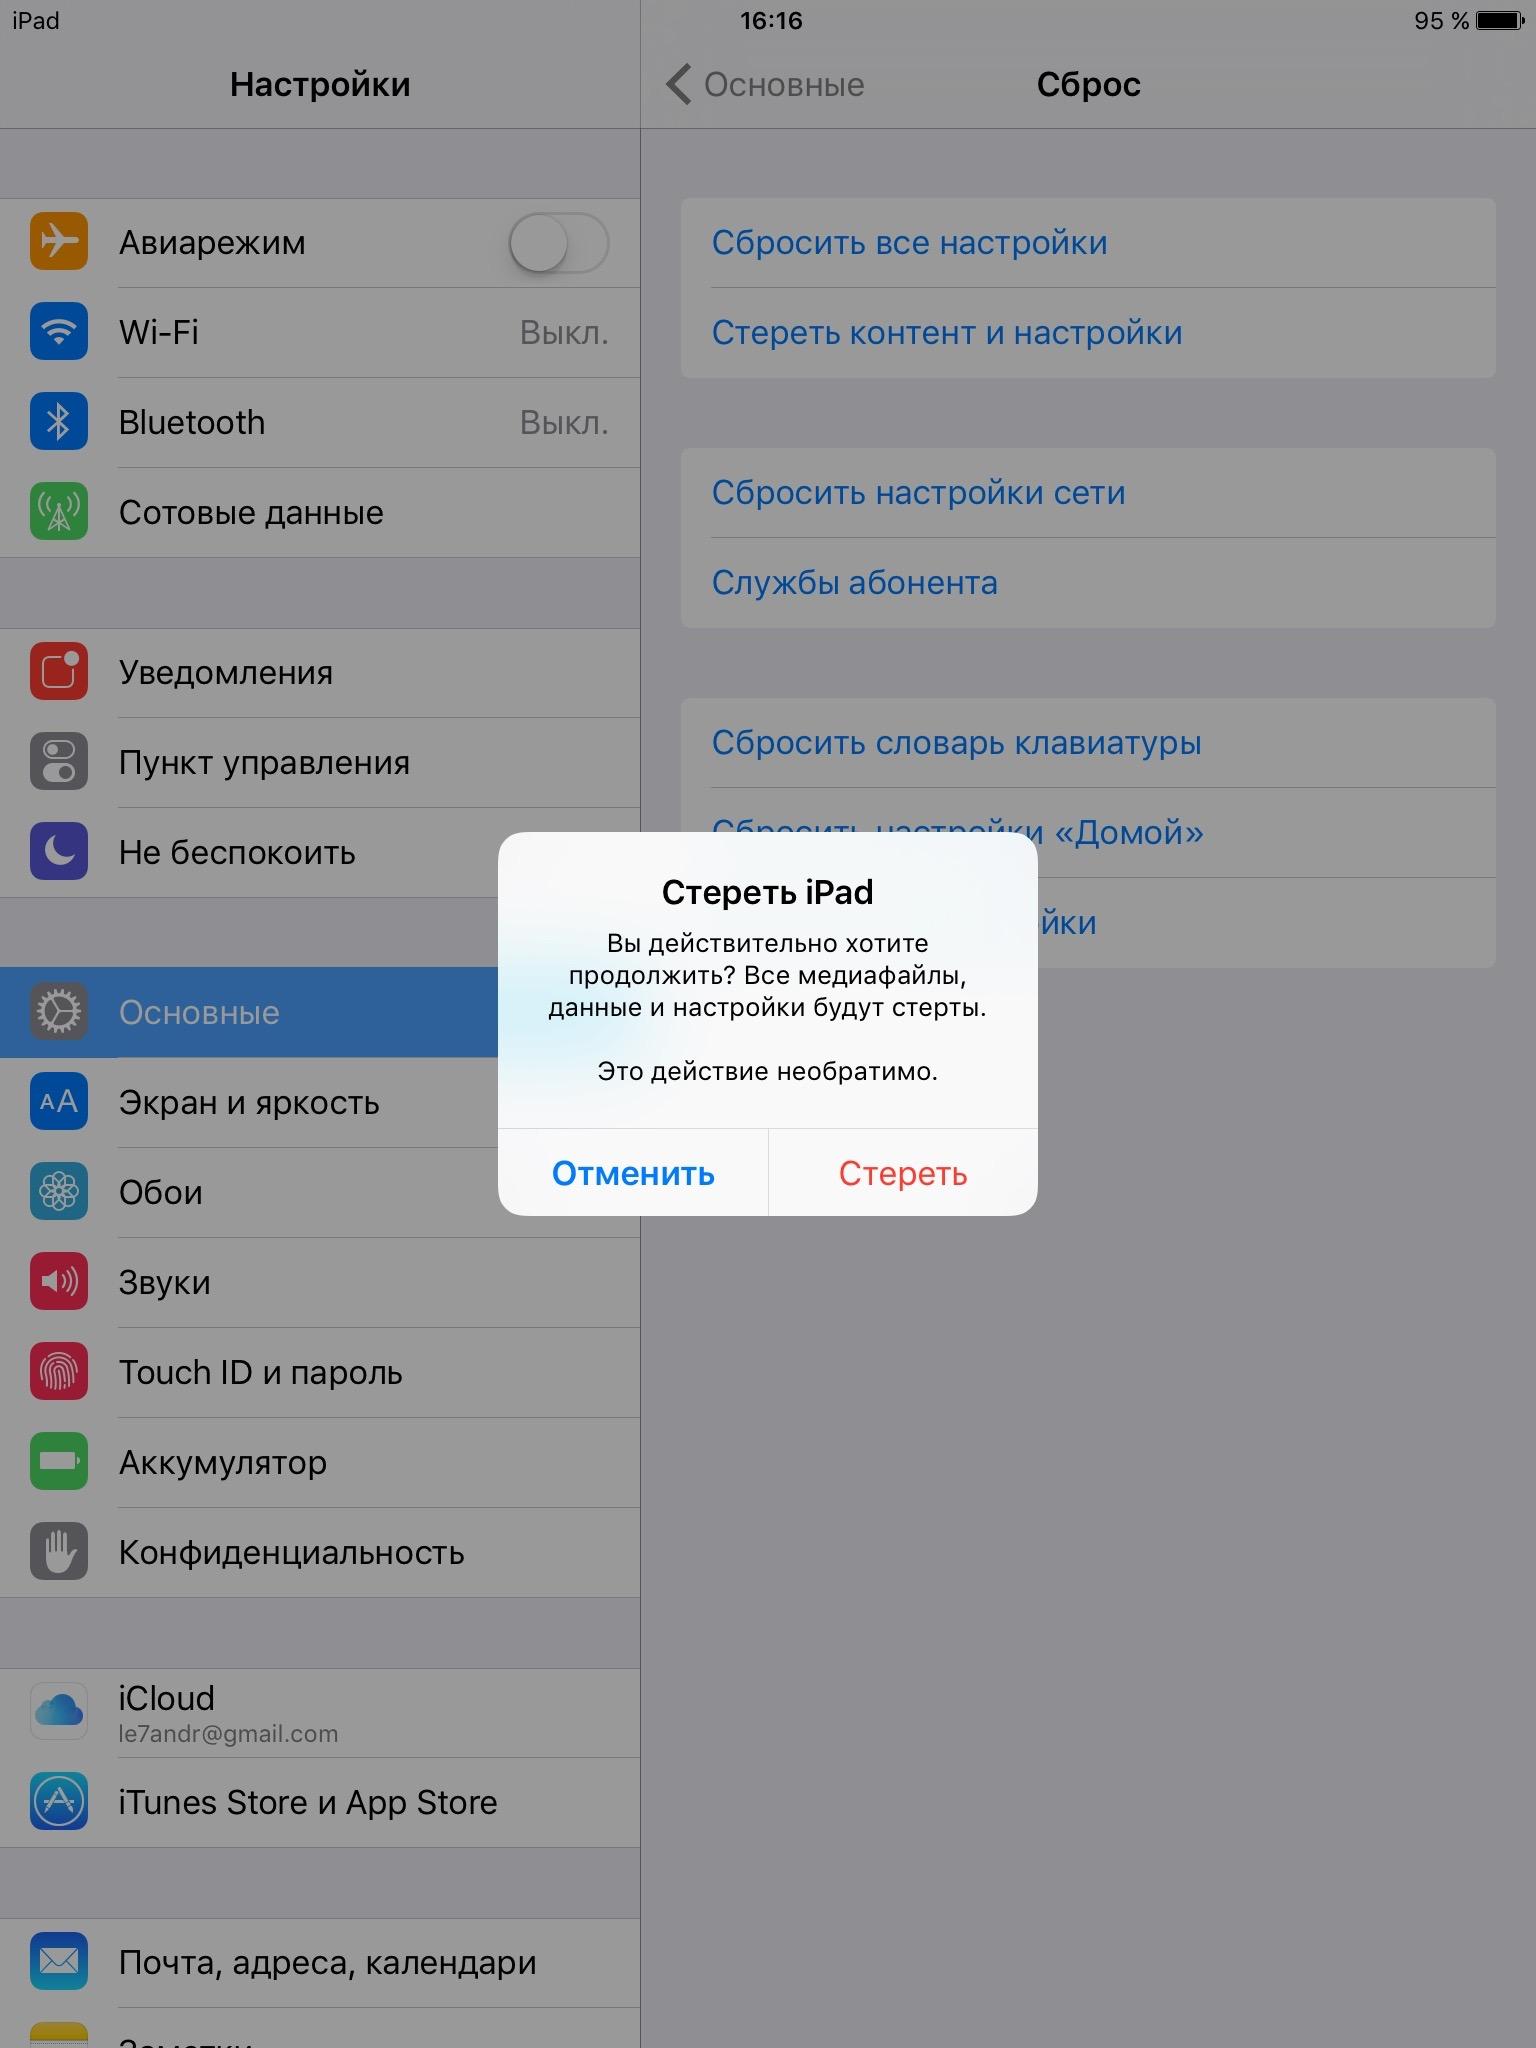 Стирание контента и настроек на iPad